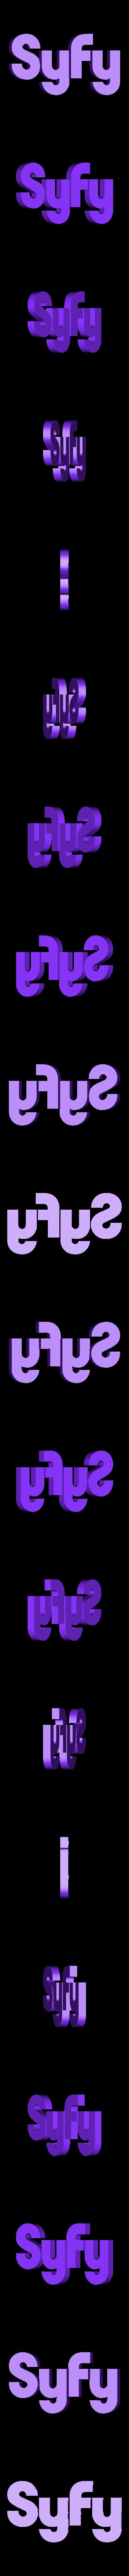 53aee48f a810 4092 bdeb 3b7f8dd6586e